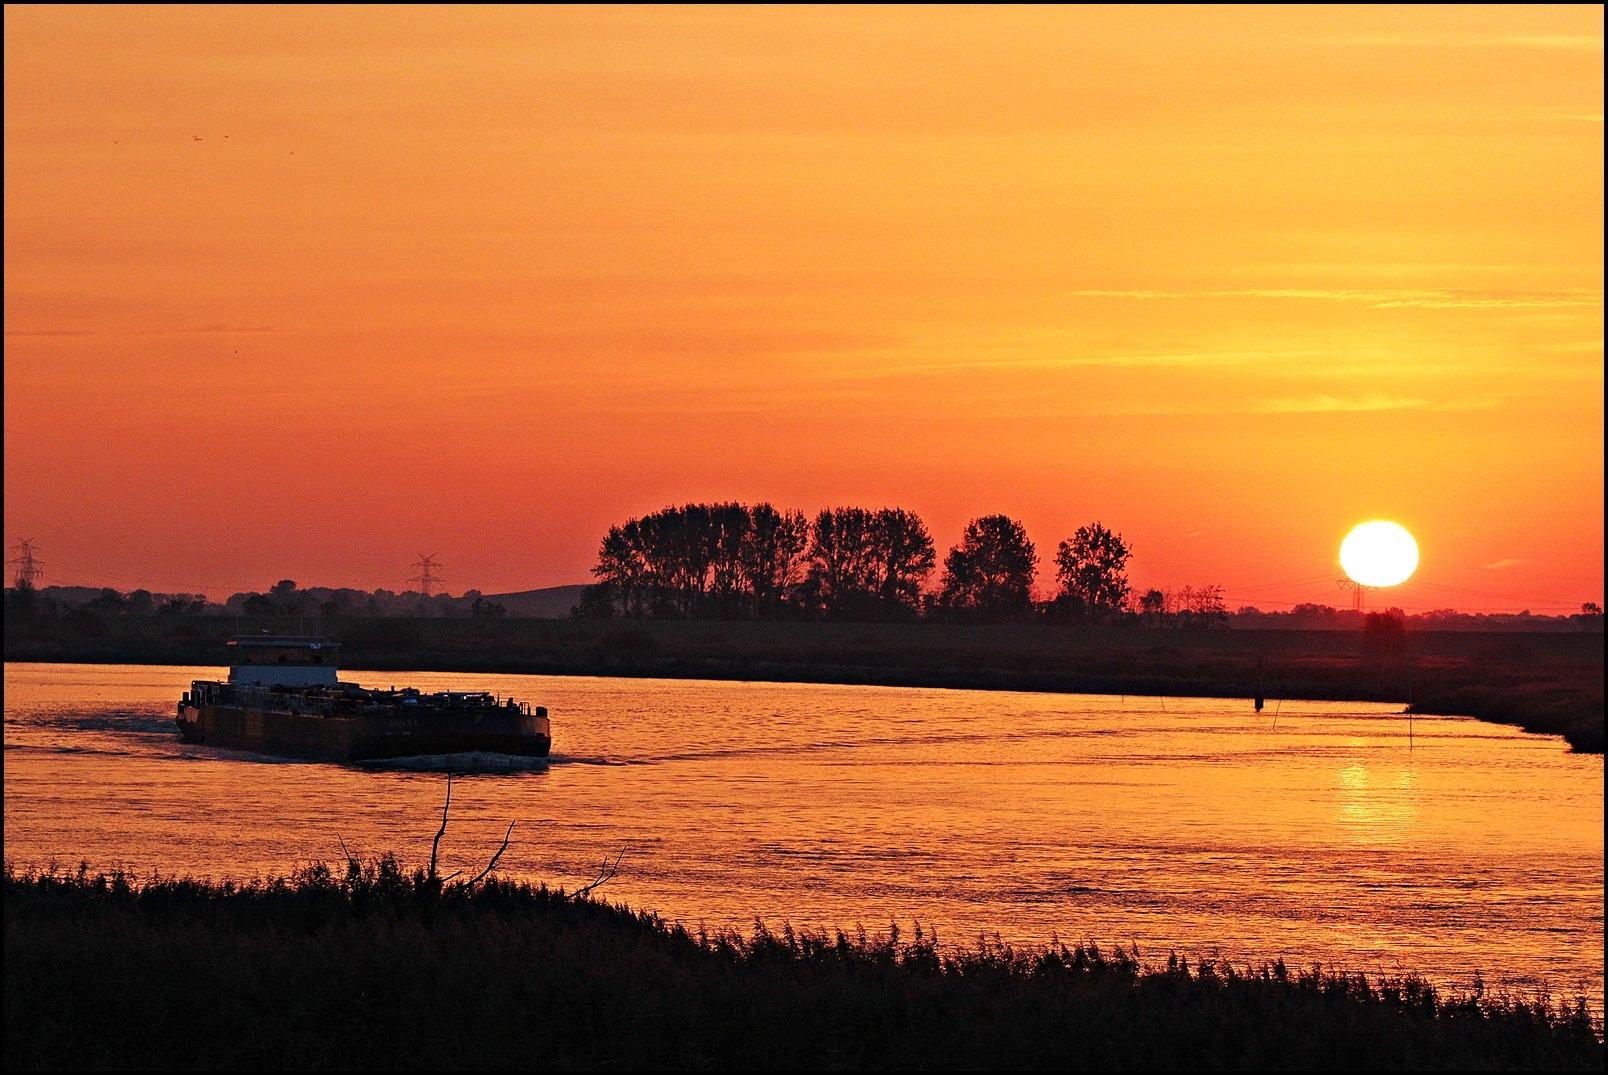 Sonneaufgang an der Ems